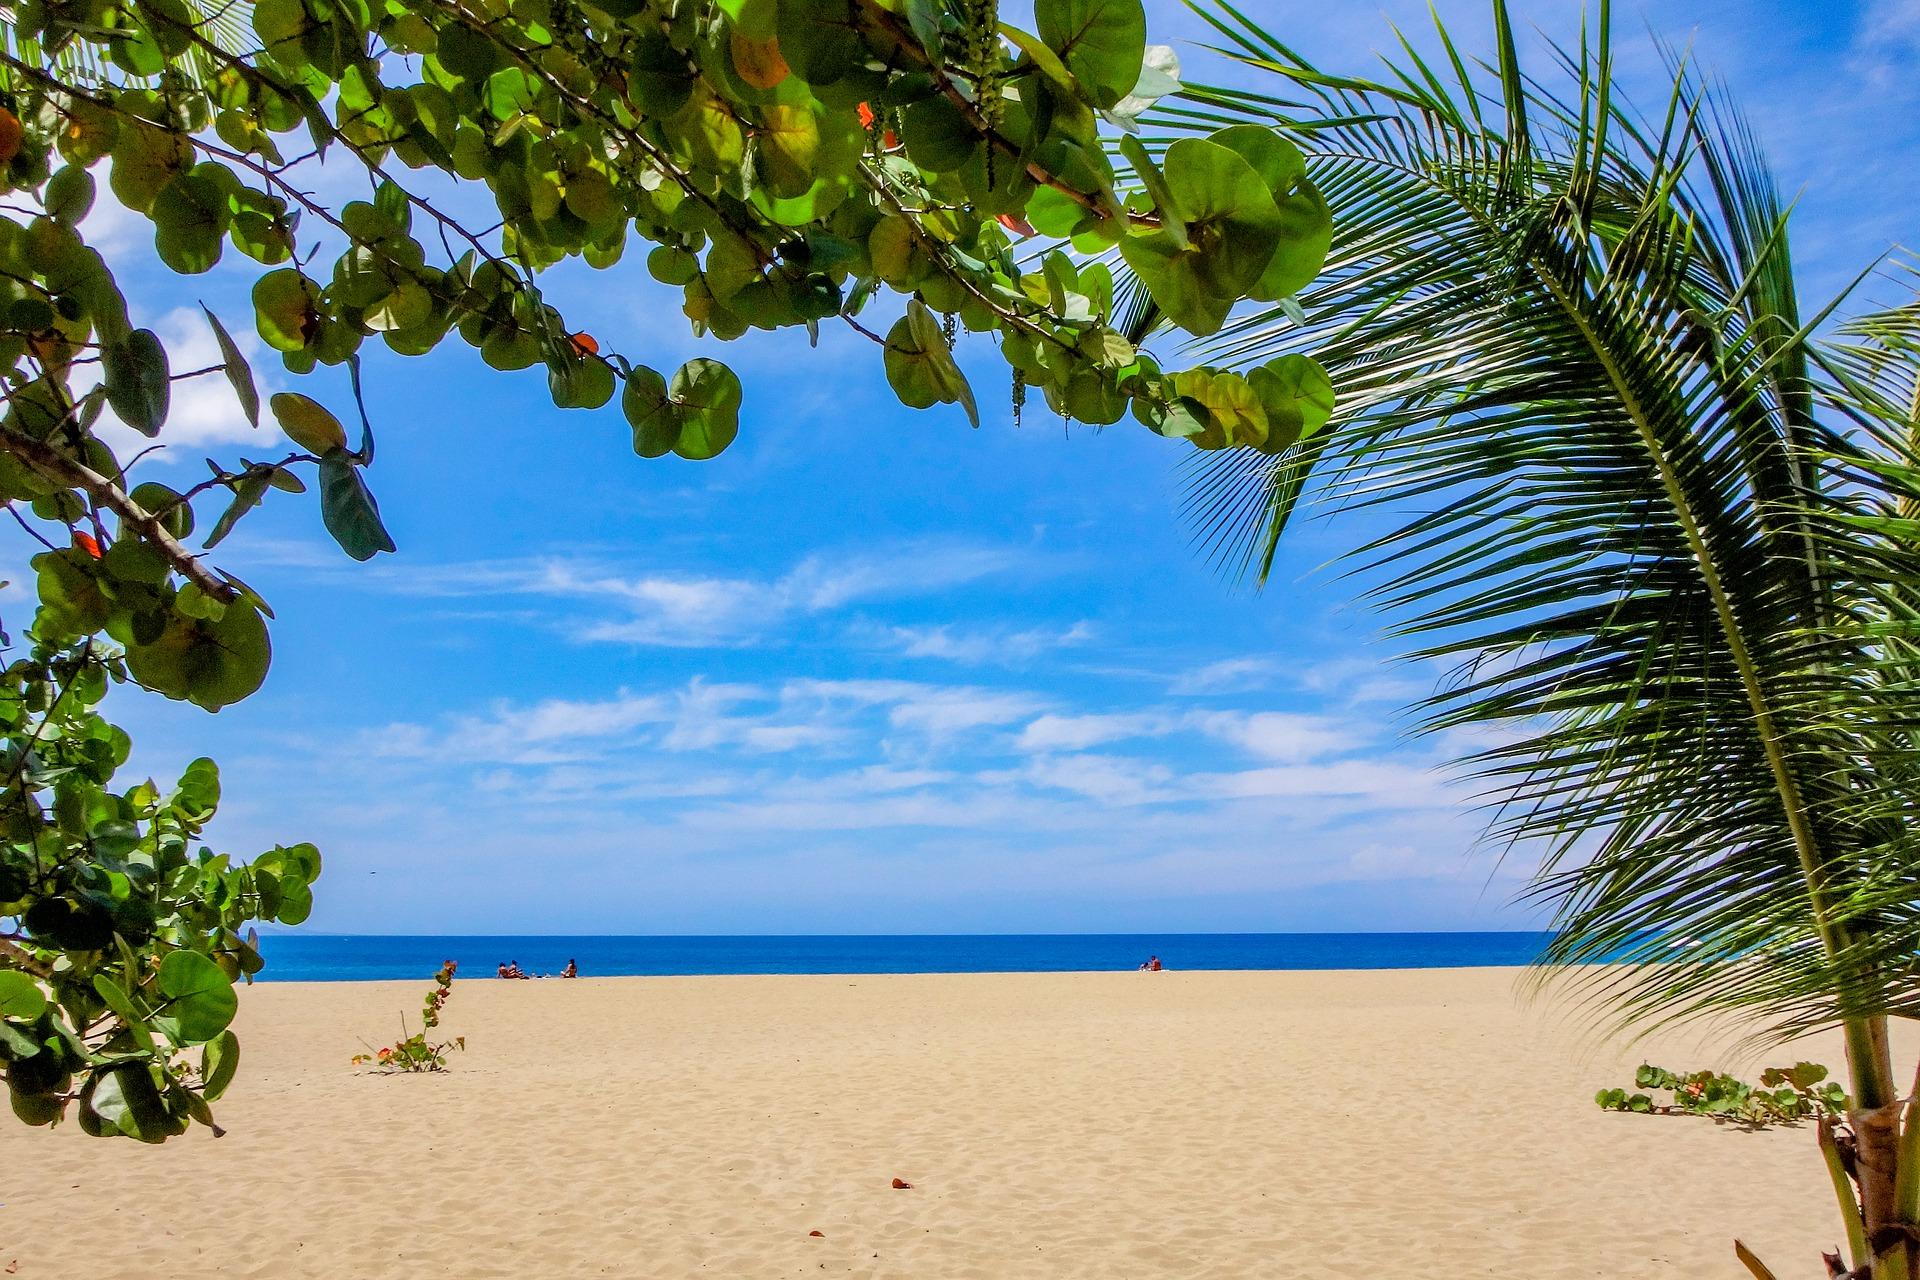 beach-2485882_1920